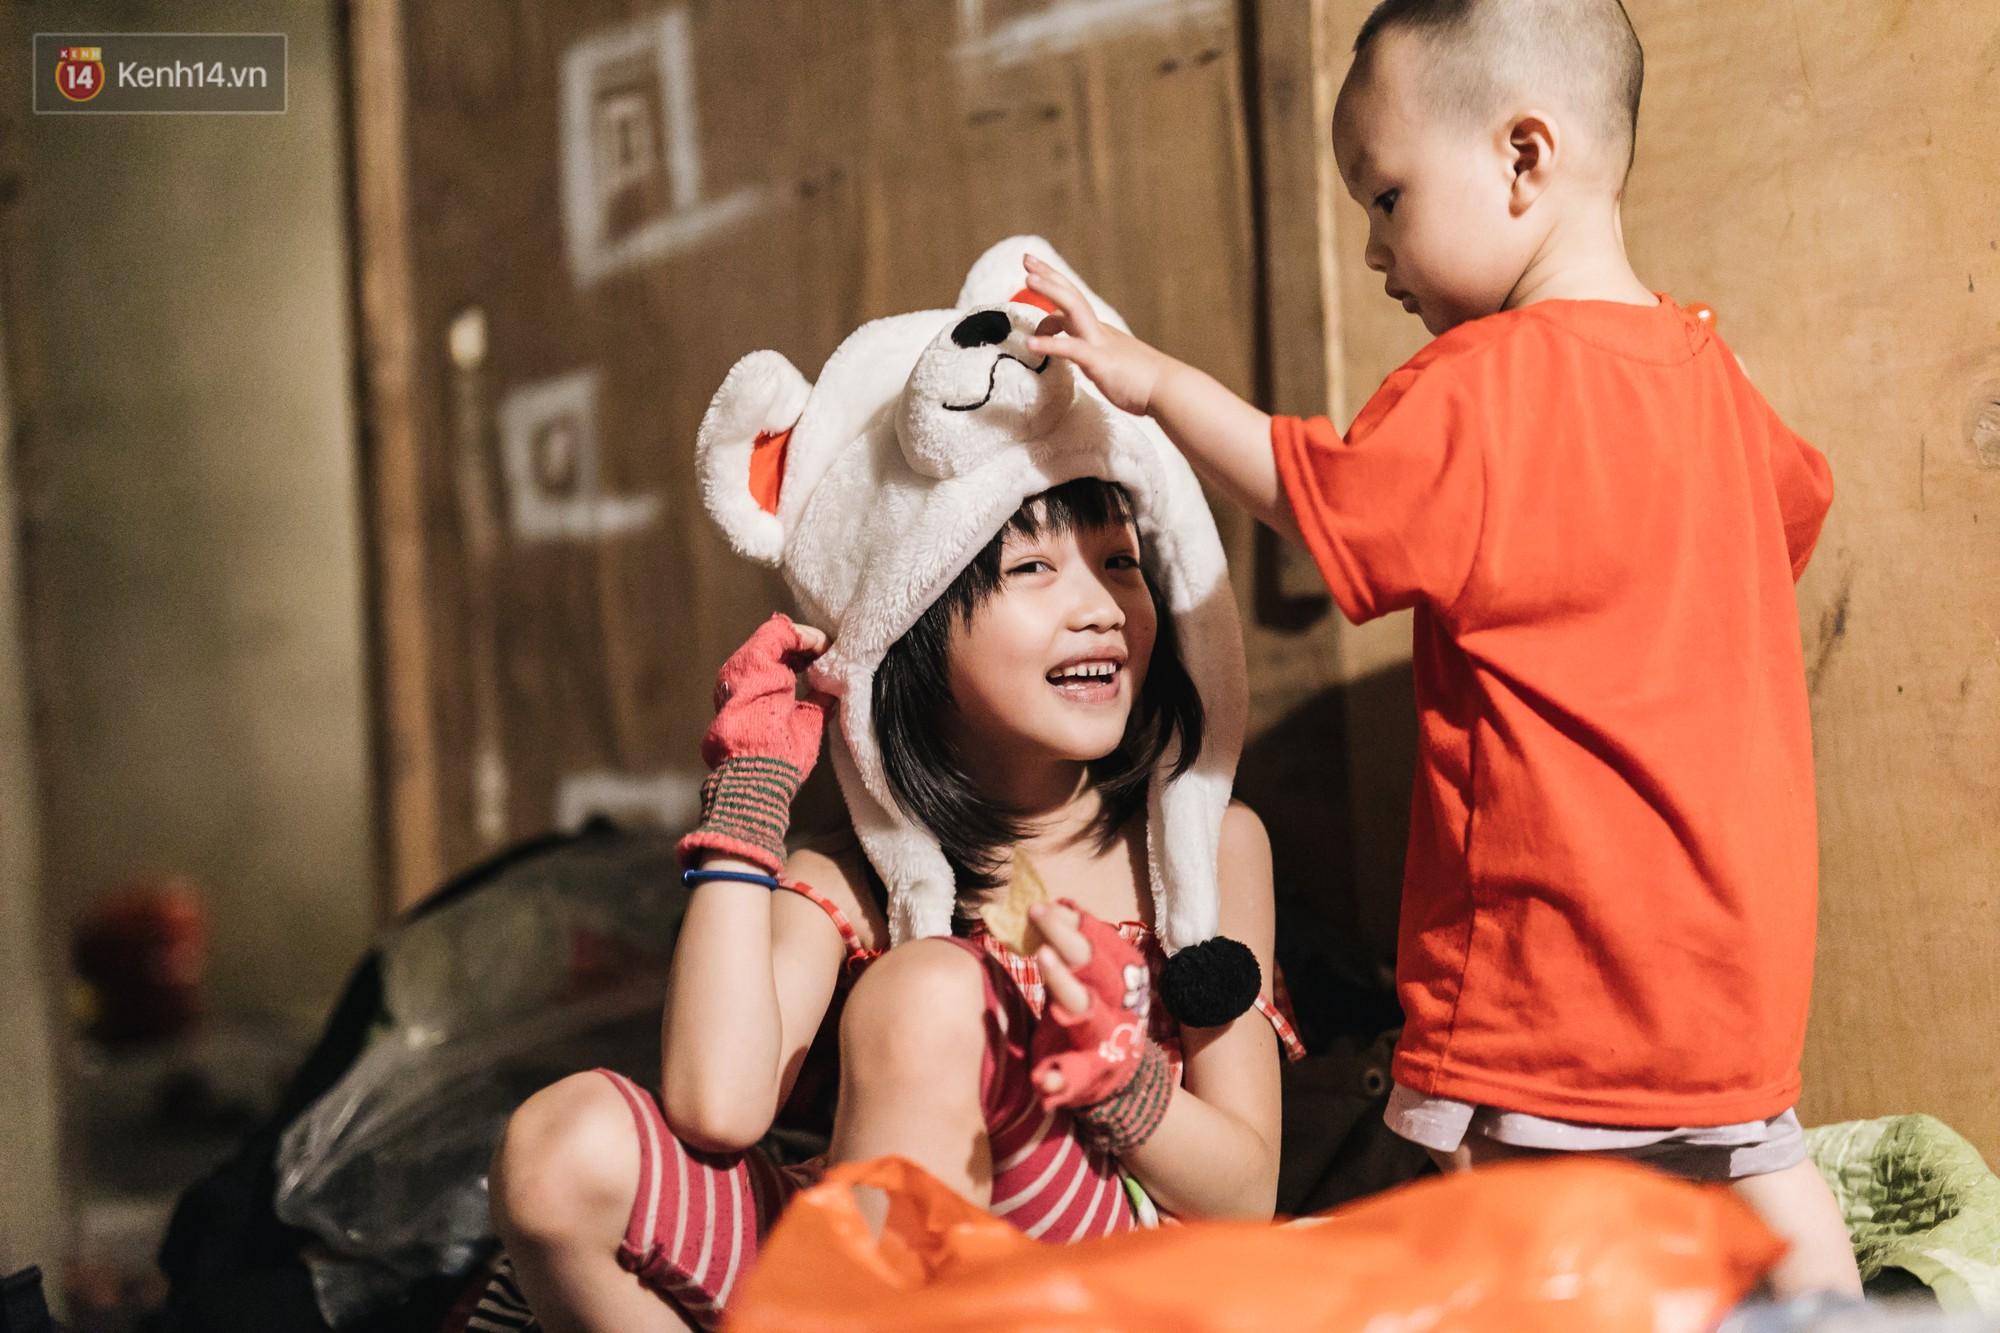 Bất ngờ nổi tiếng sau 1 đêm, bé gái 6 tuổi phối đồ chất ở Hà Nội trở về những ngày lang thang bán hàng rong cùng mẹ-4